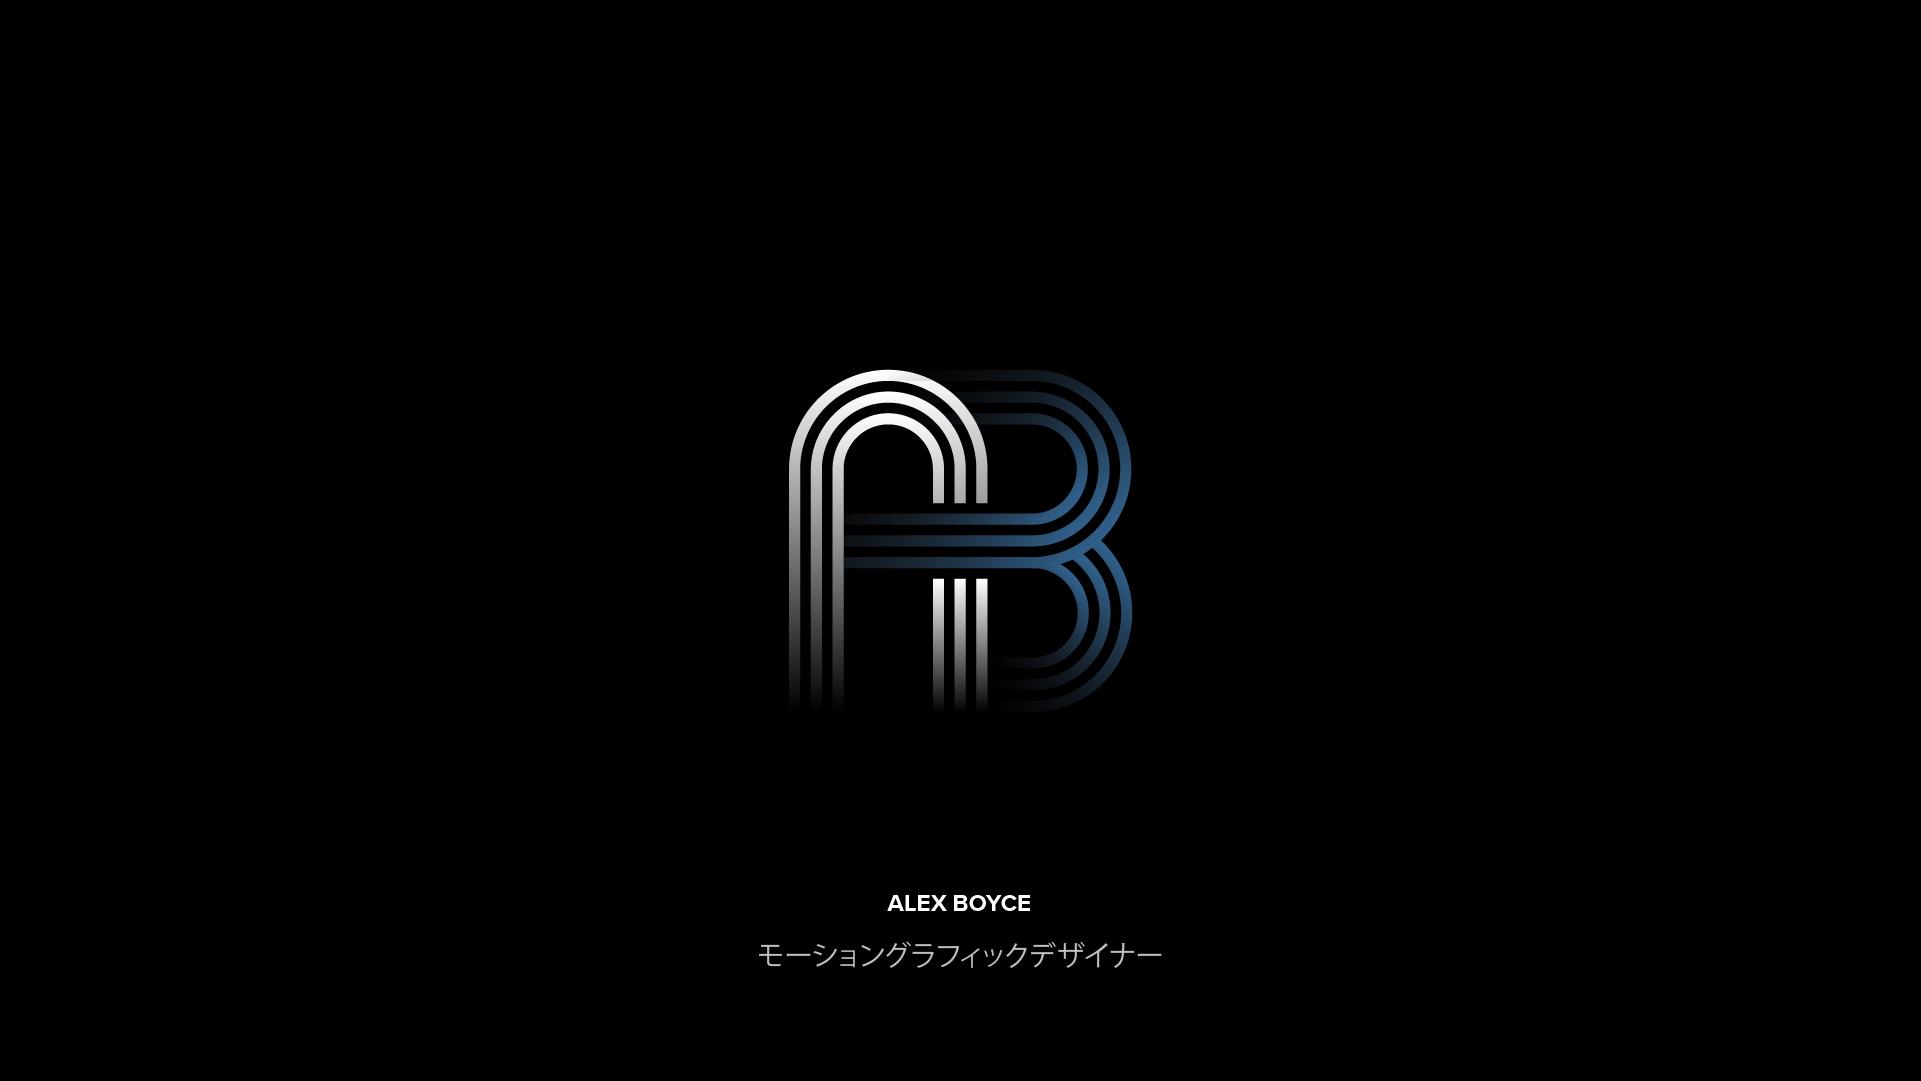 AB_Rebrand_v017-17.jpg